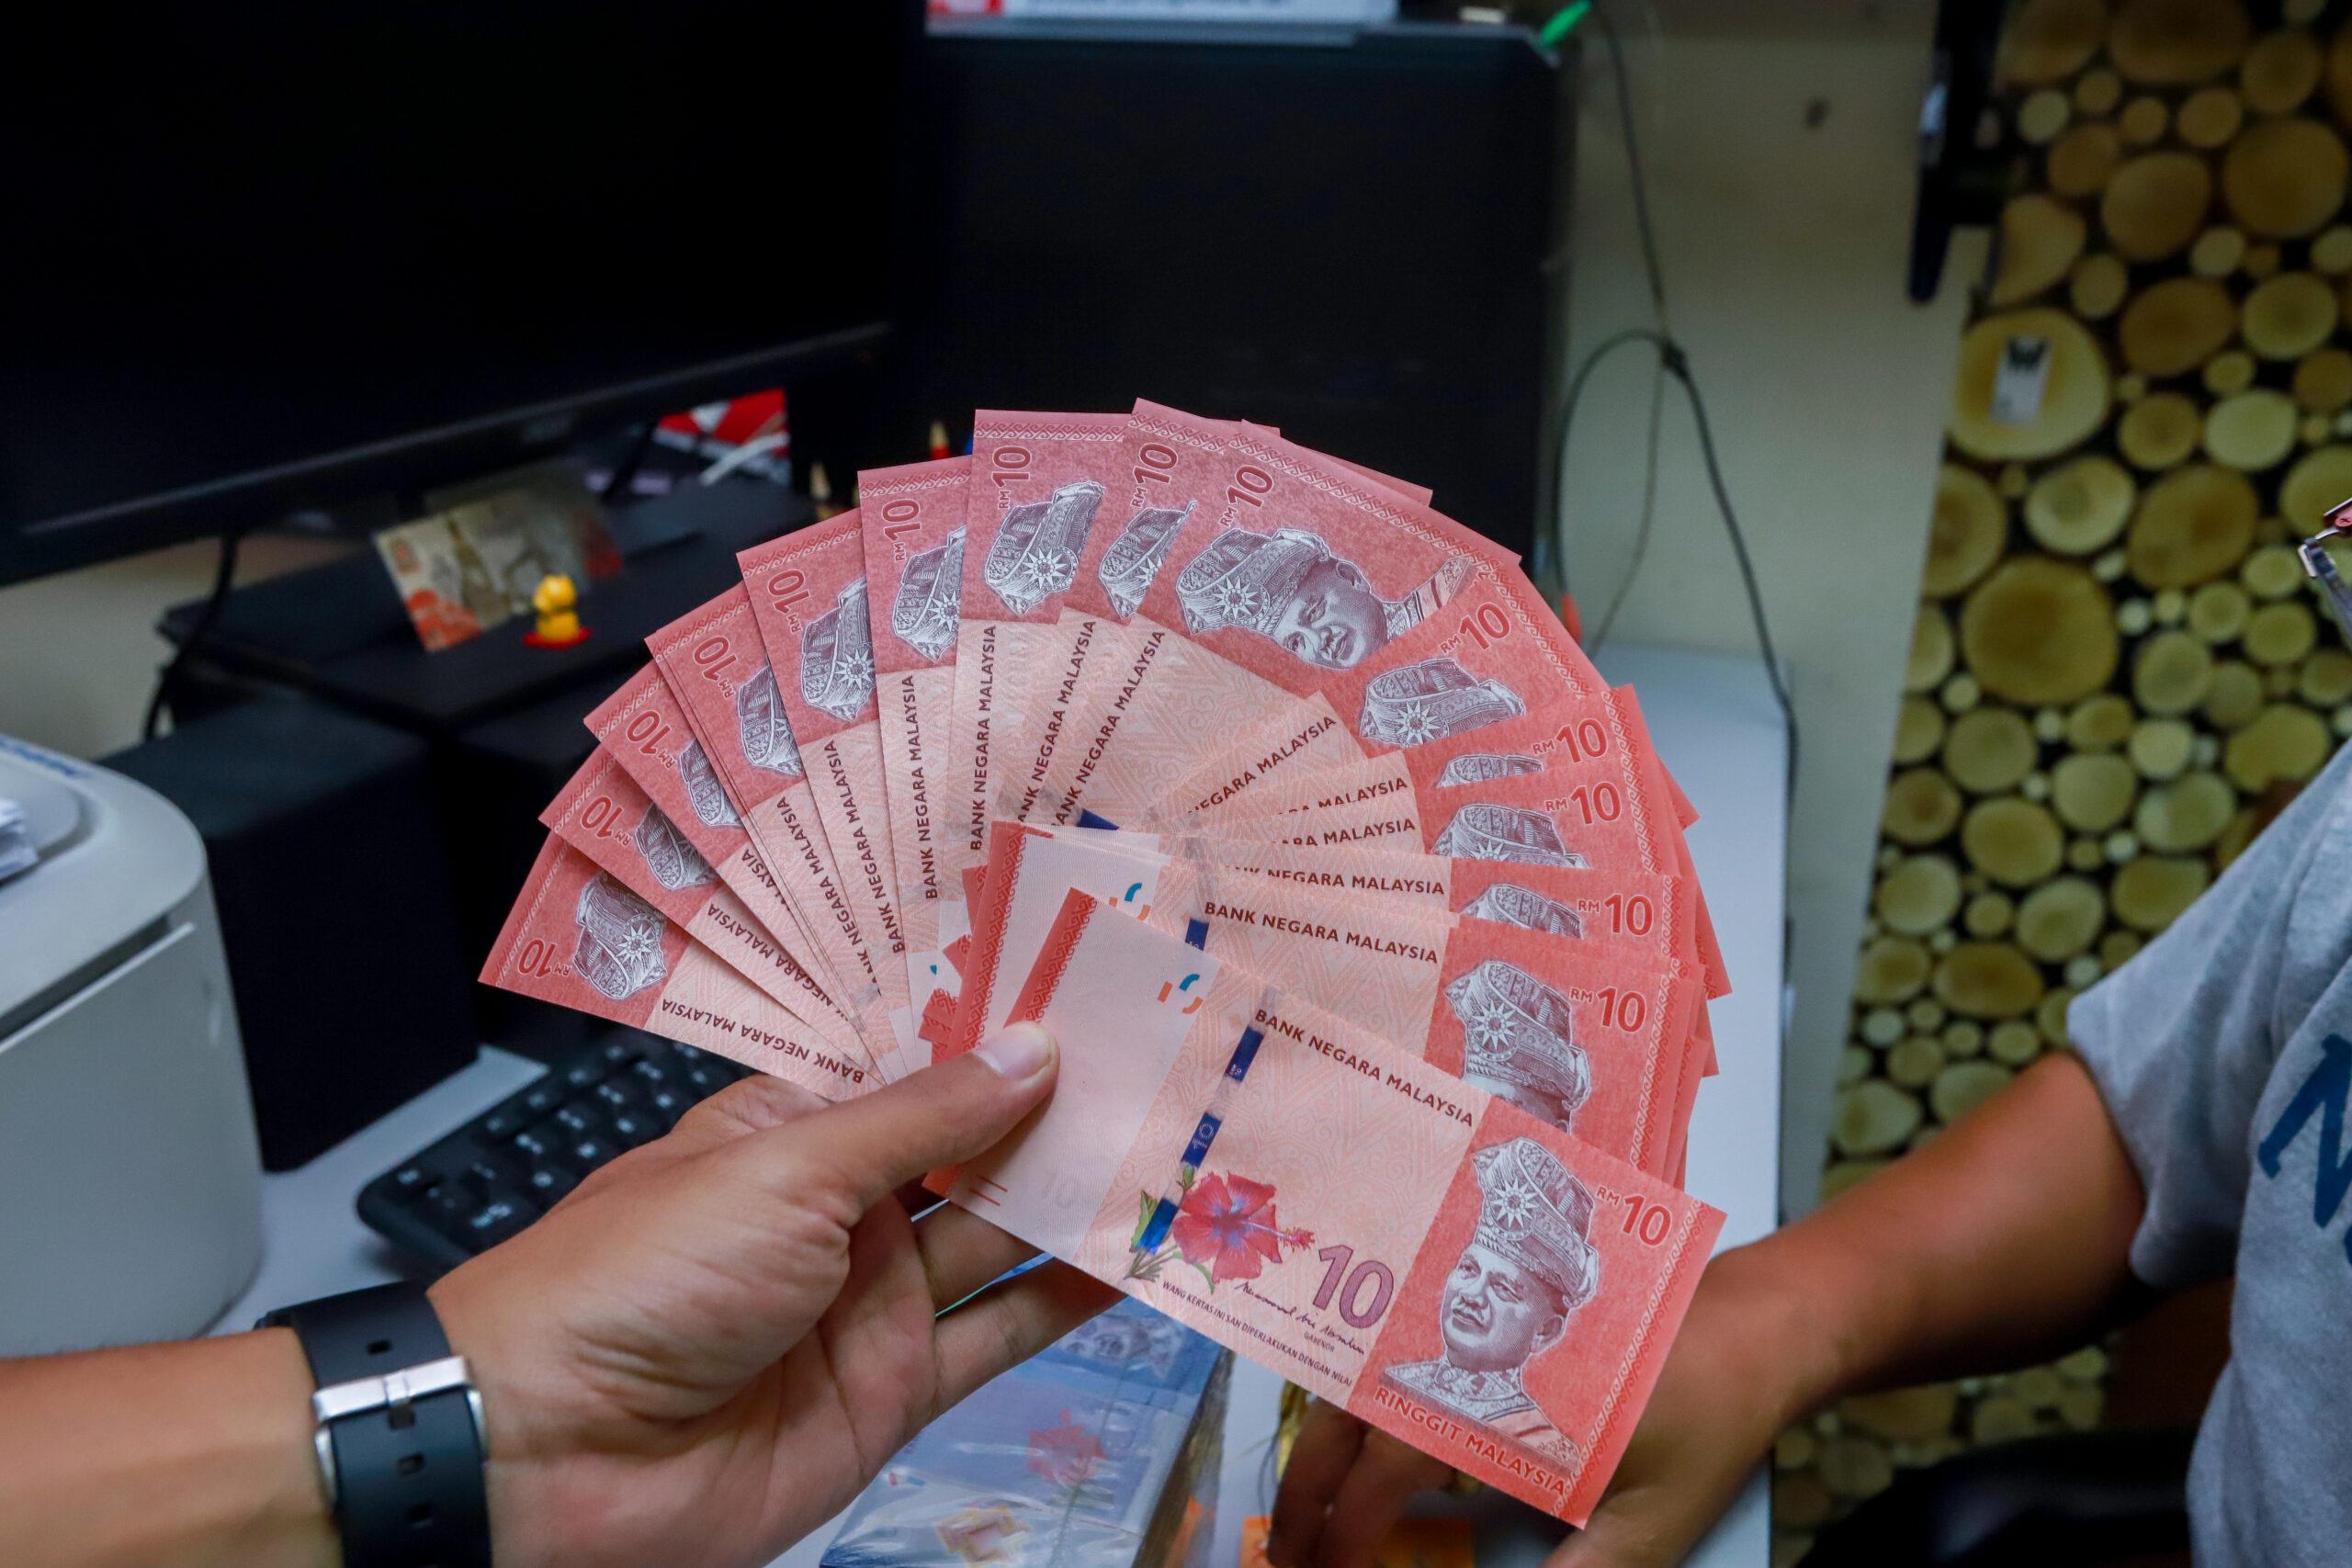 Bayar pinjaman perumahan atau guna duit untuk pelaburan